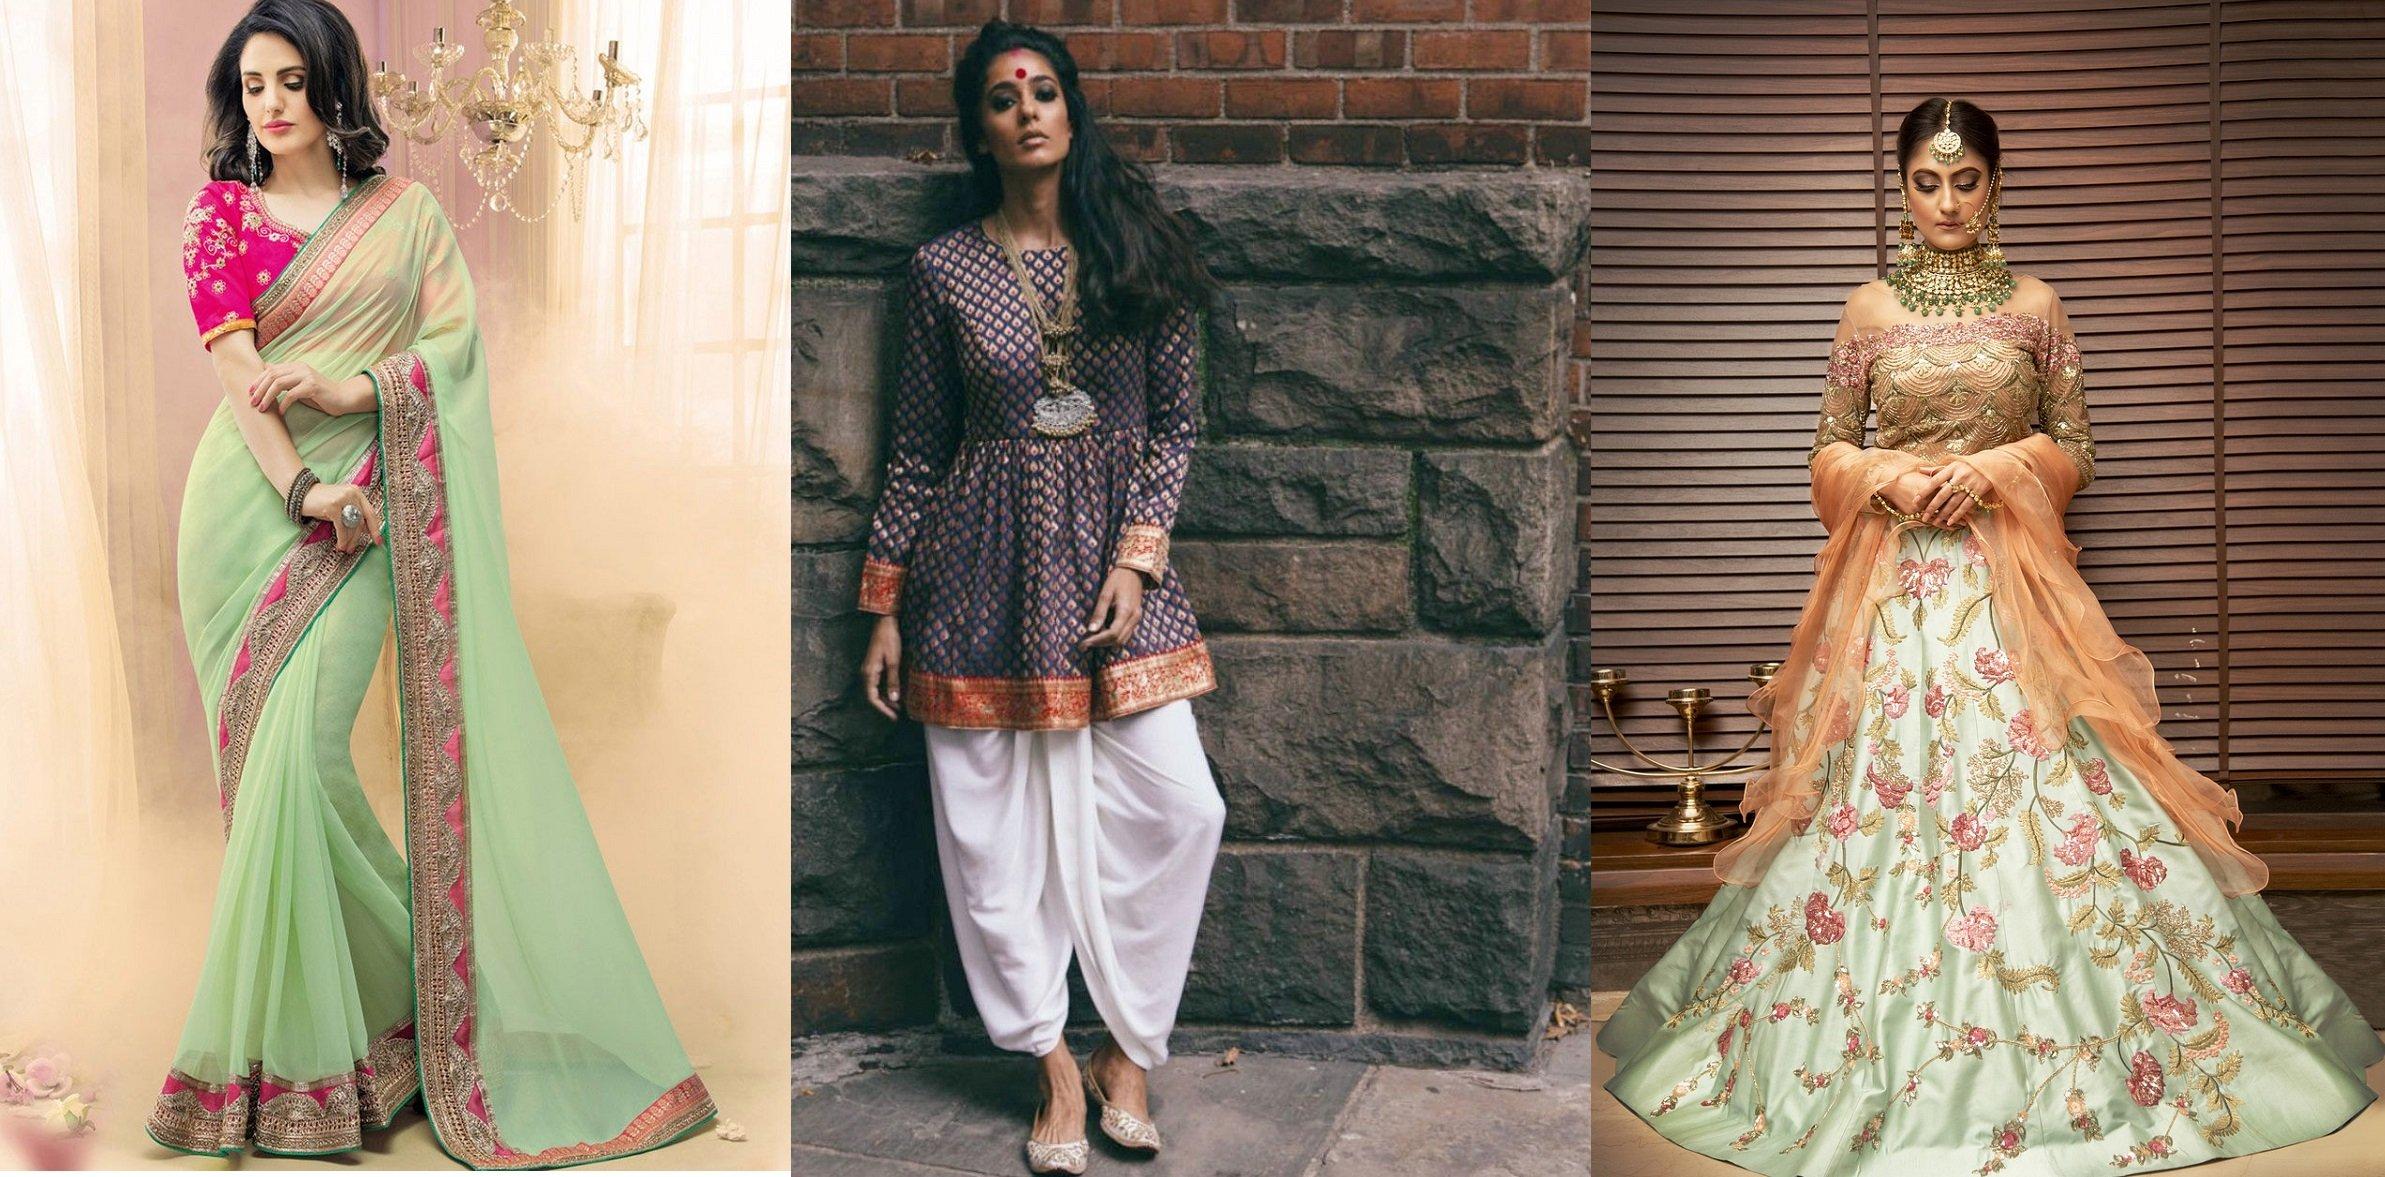 Ethnic Fashion Forecast